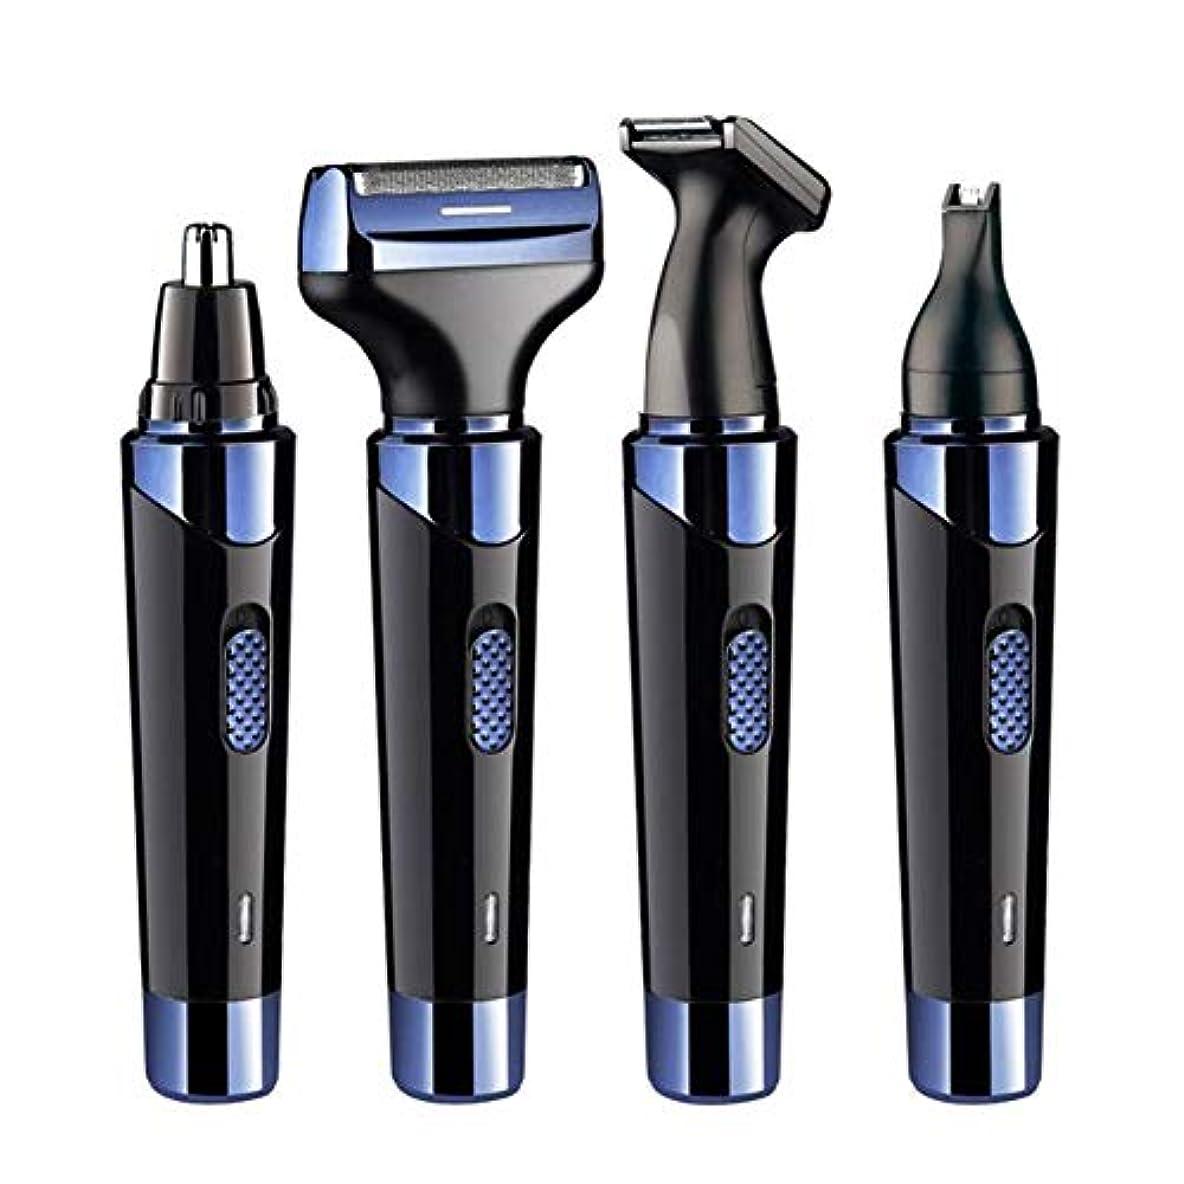 不快する厚さ4イン1鼻毛トリマー、プロの痛みのない鼻/耳/眉毛/サイドバーンおよびフェイシャルヘアトリム、USB充電式、洗えるカッターヘッド、メンズギフト